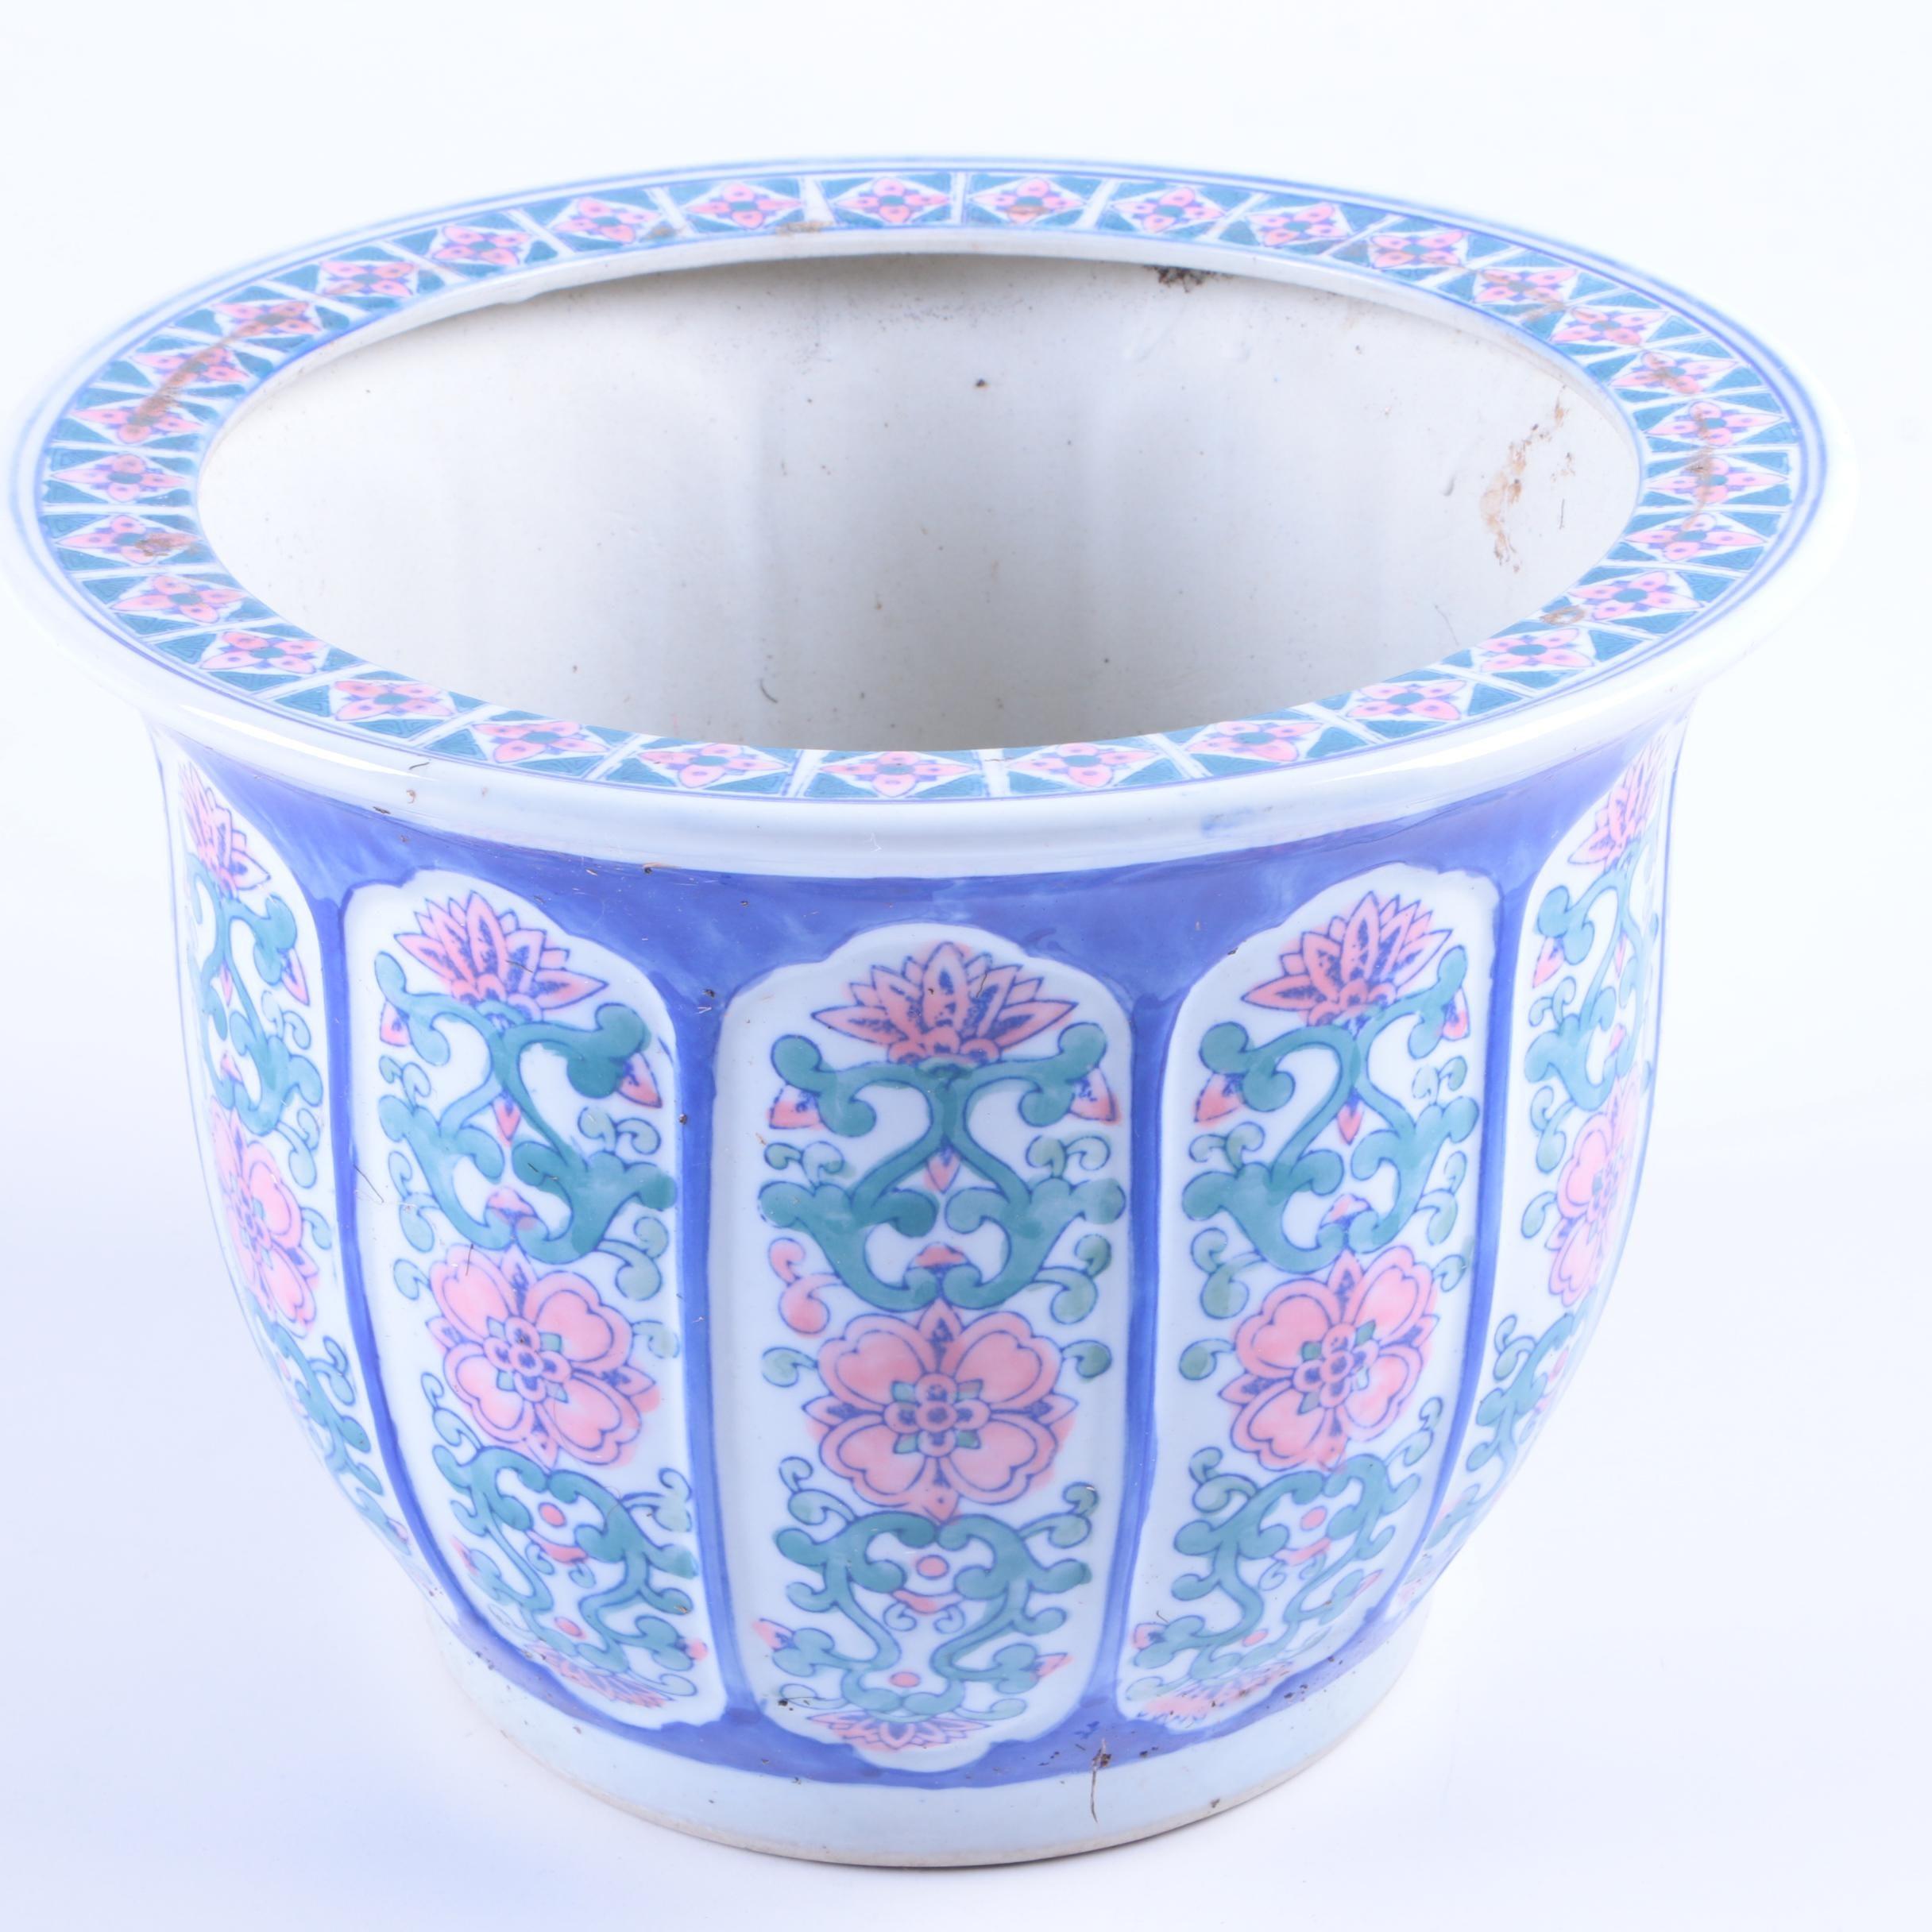 Floral Ceramic Planter